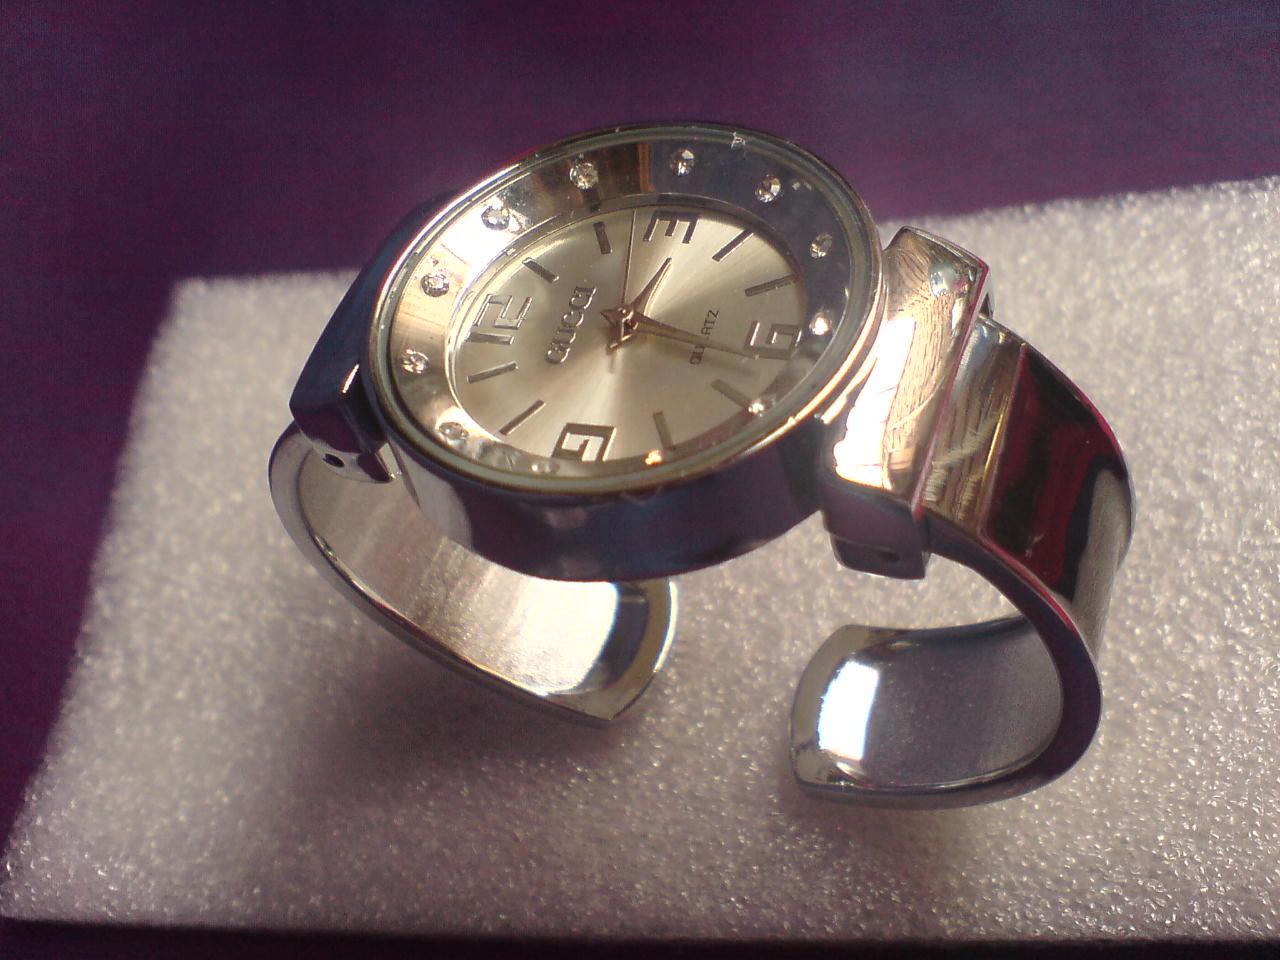 jam tangan kulit on jam tangan gelang